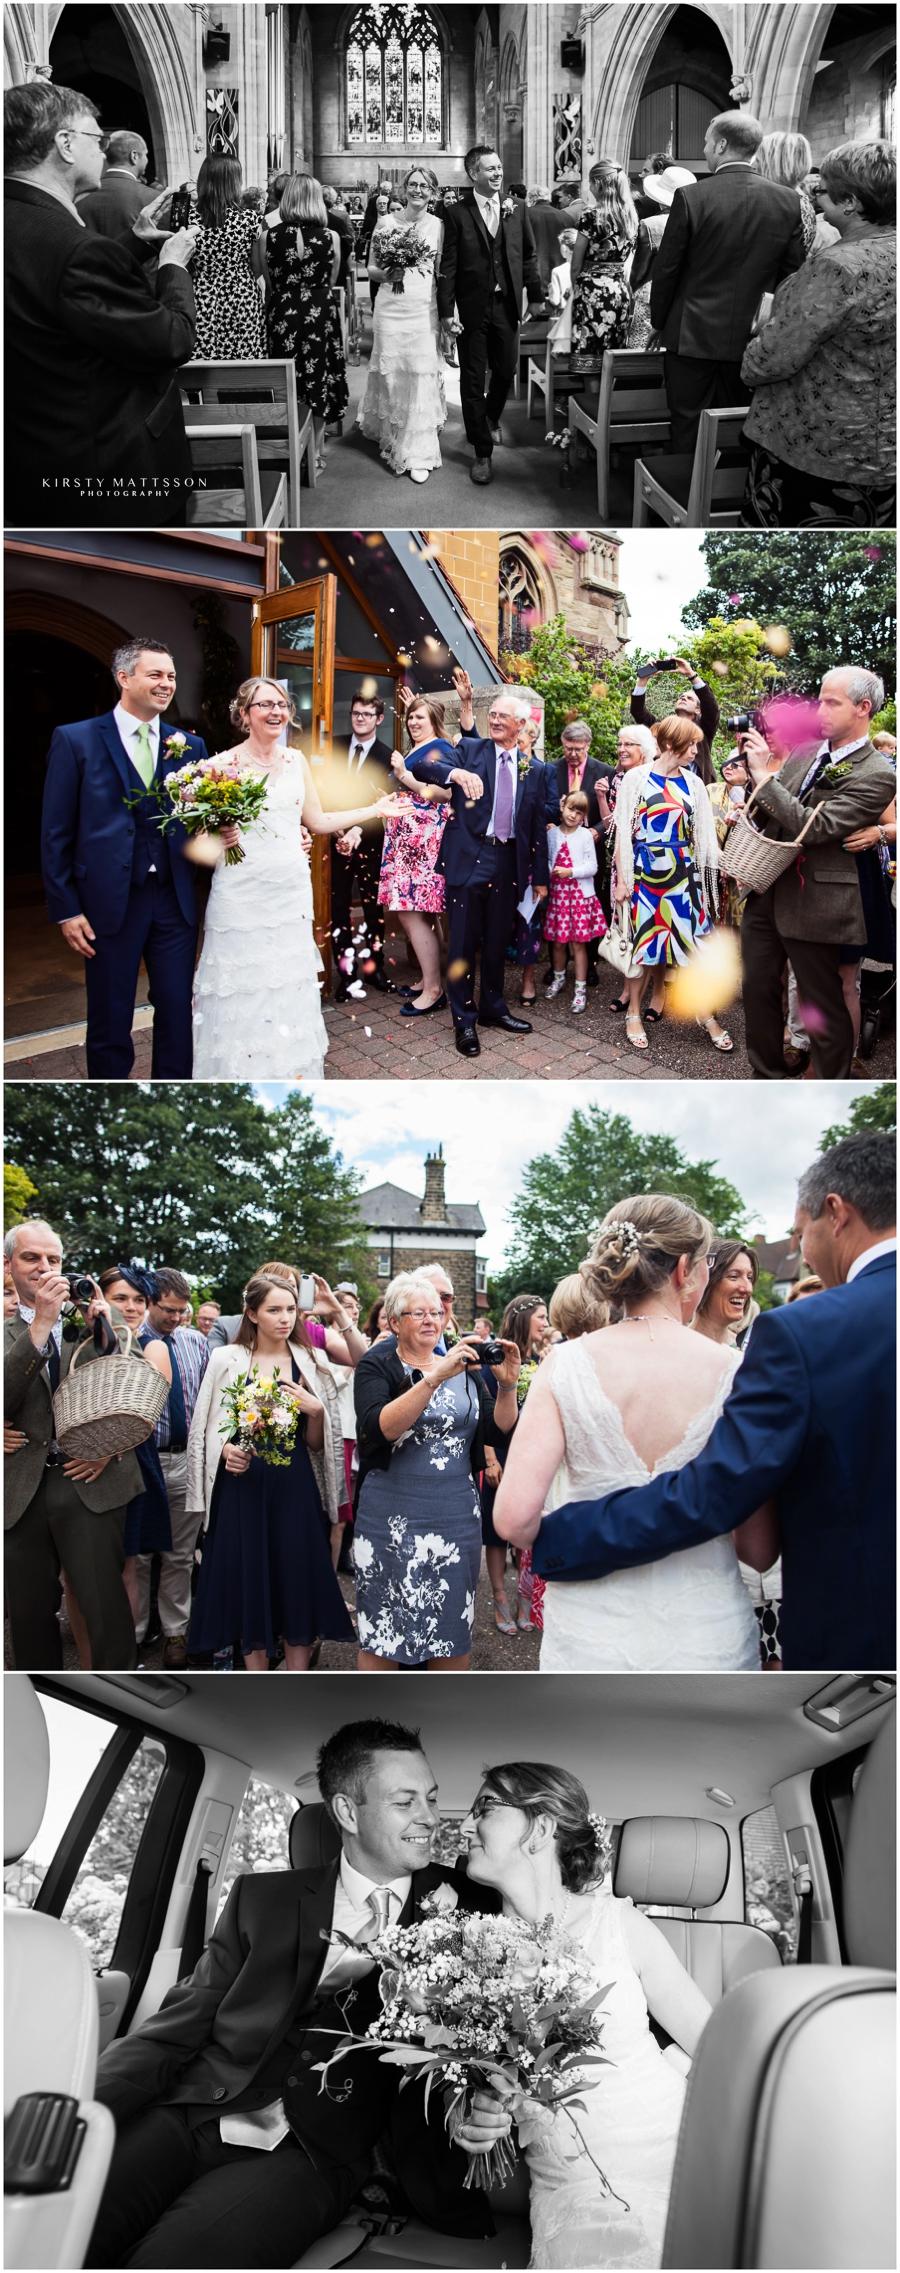 pa-weddingphotopgraphy-13